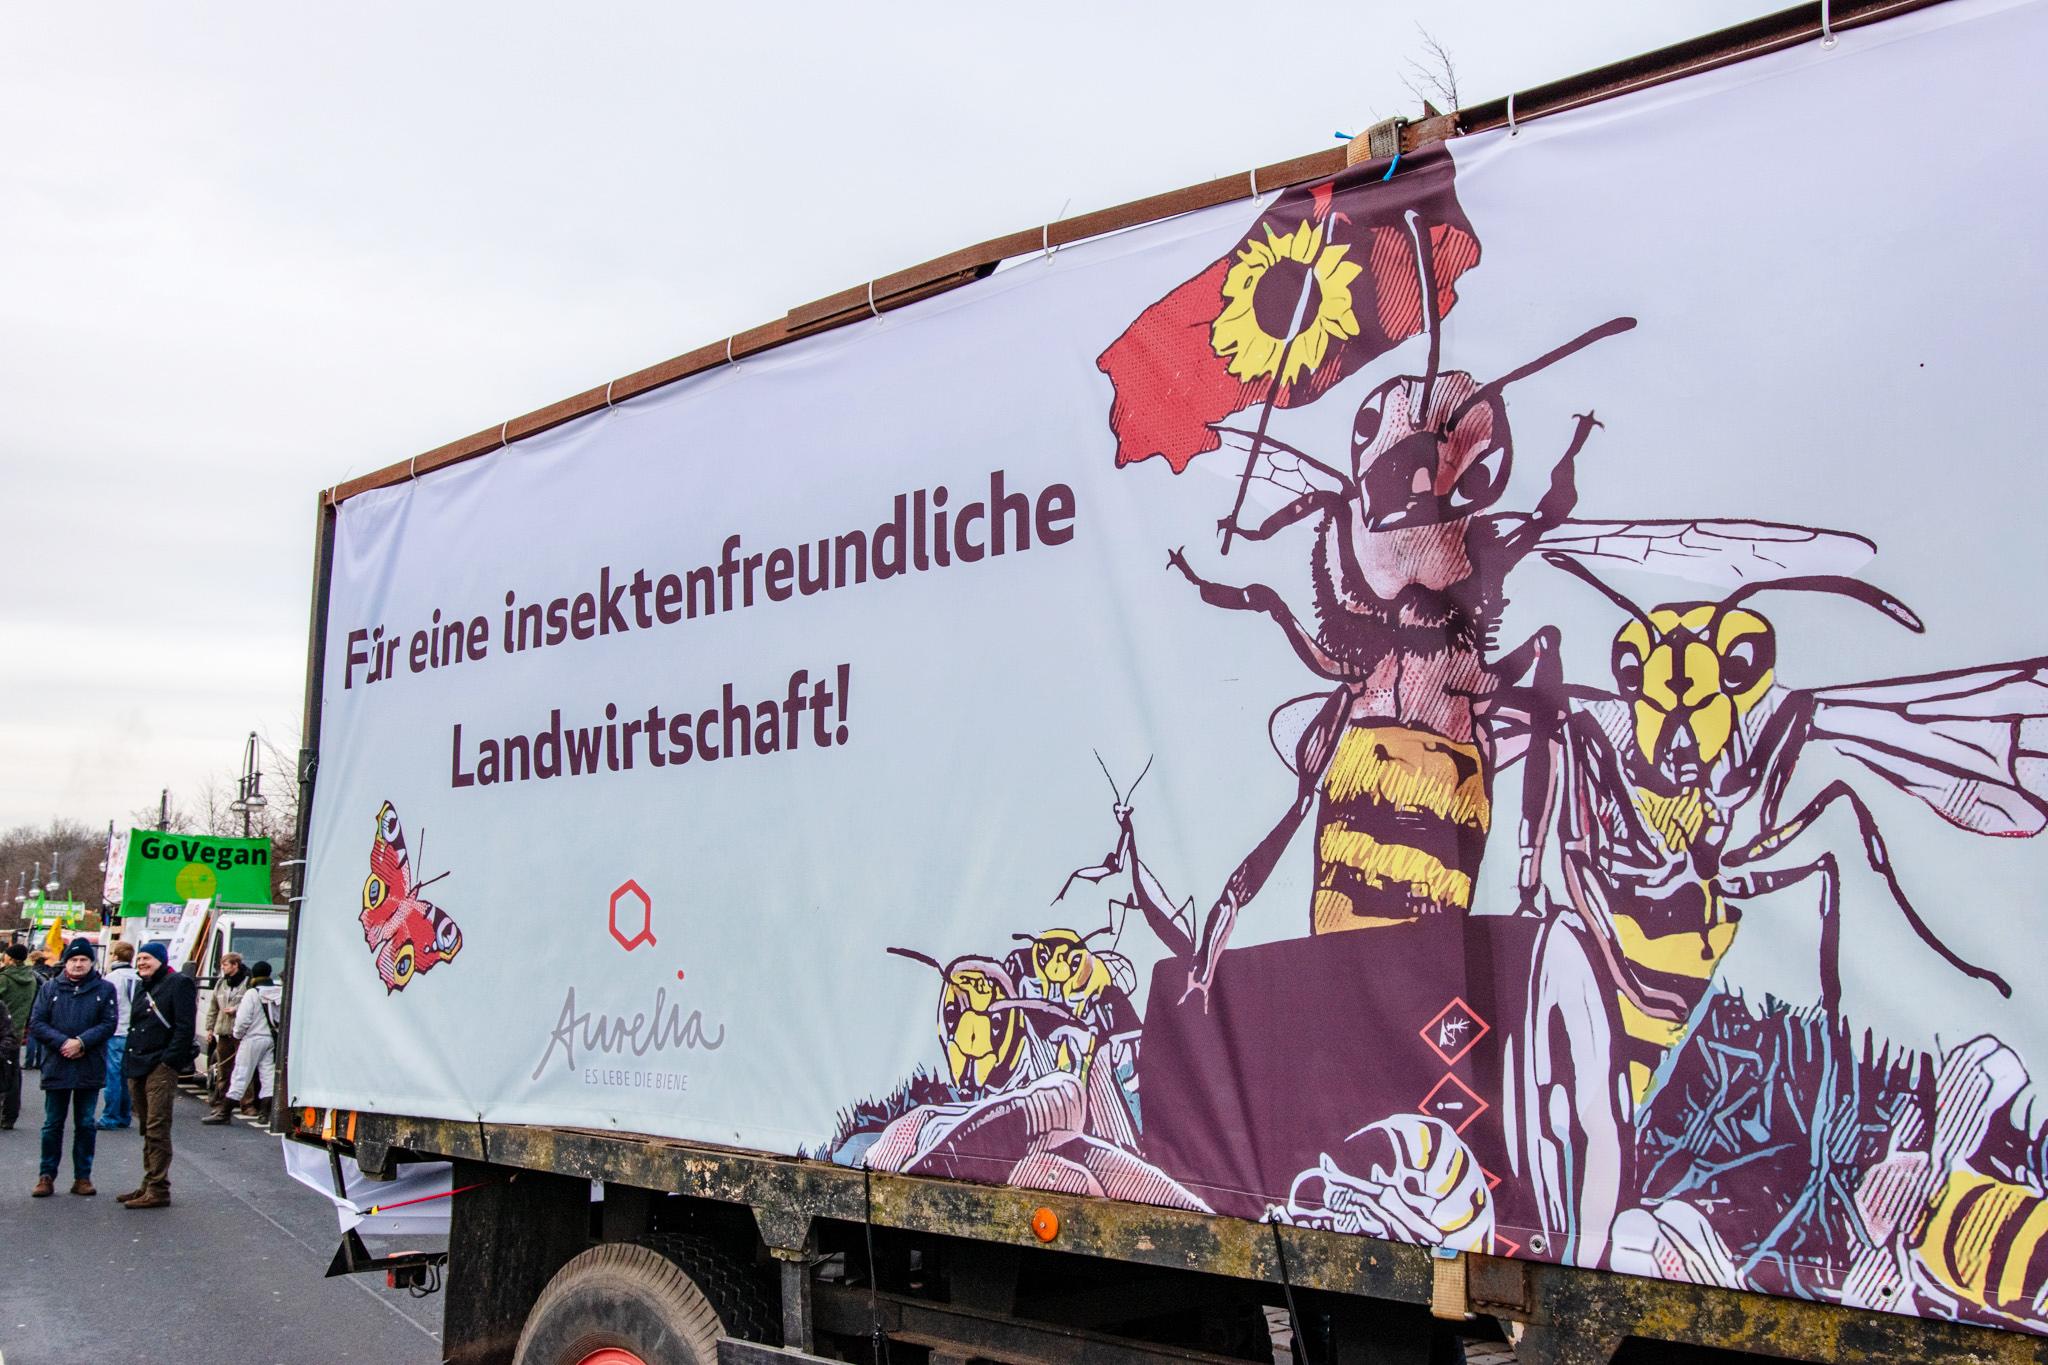 Wir haben es satt!-Demo 2020 · Design: salzundhonig · Foto: Florian Amrhein